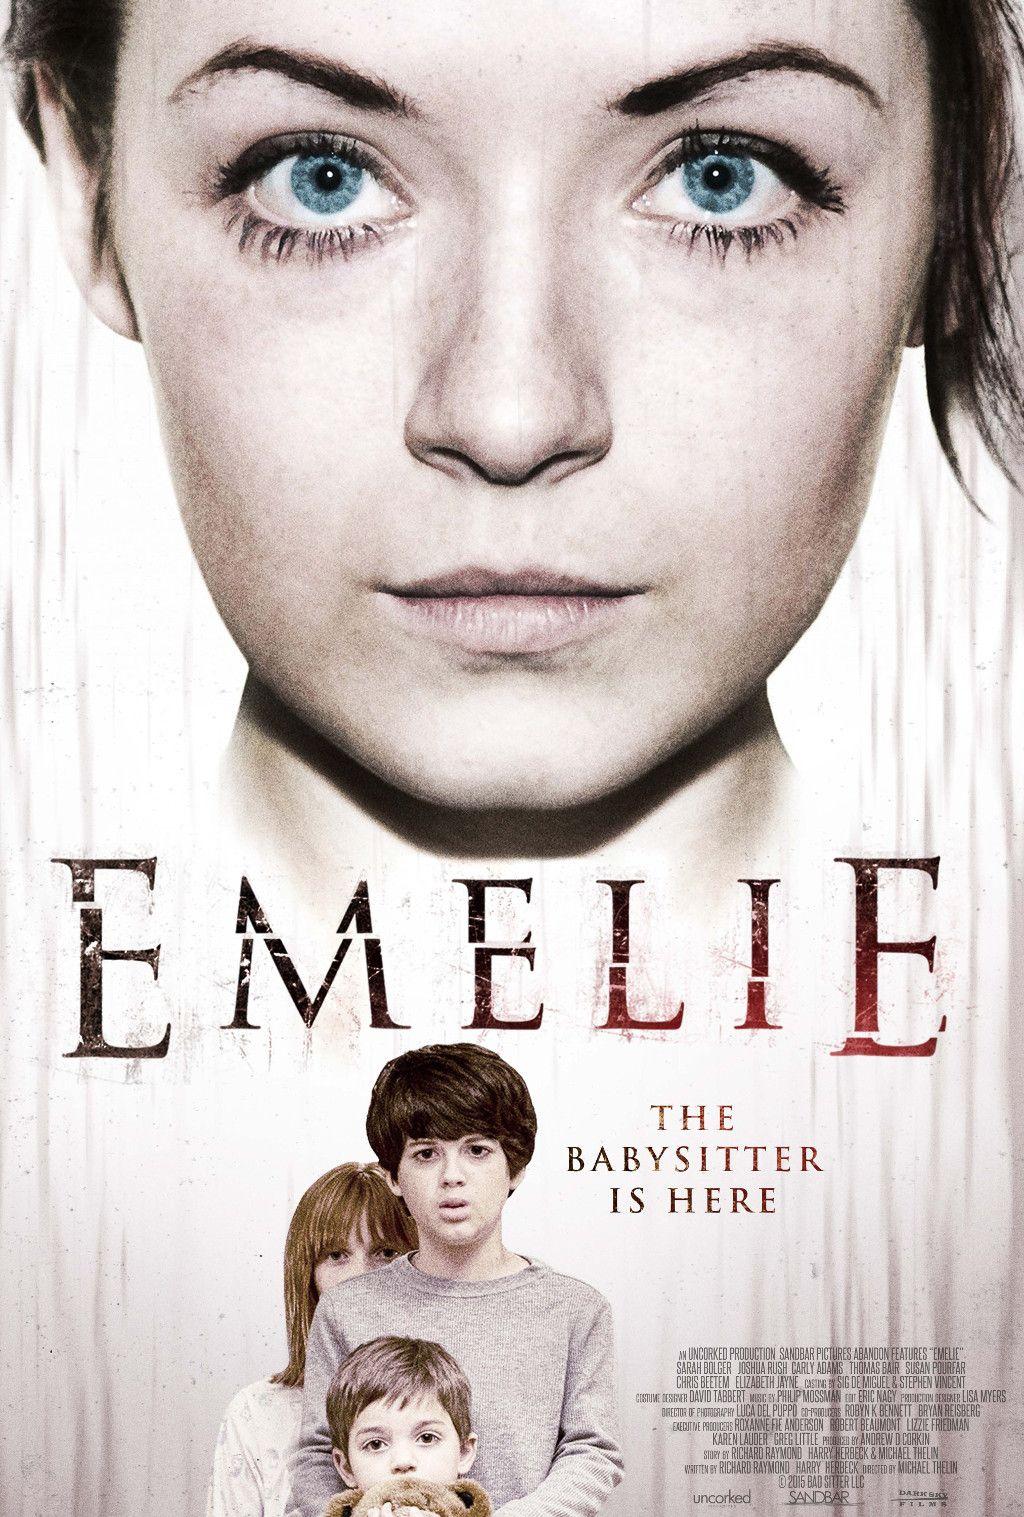 Emelie Film